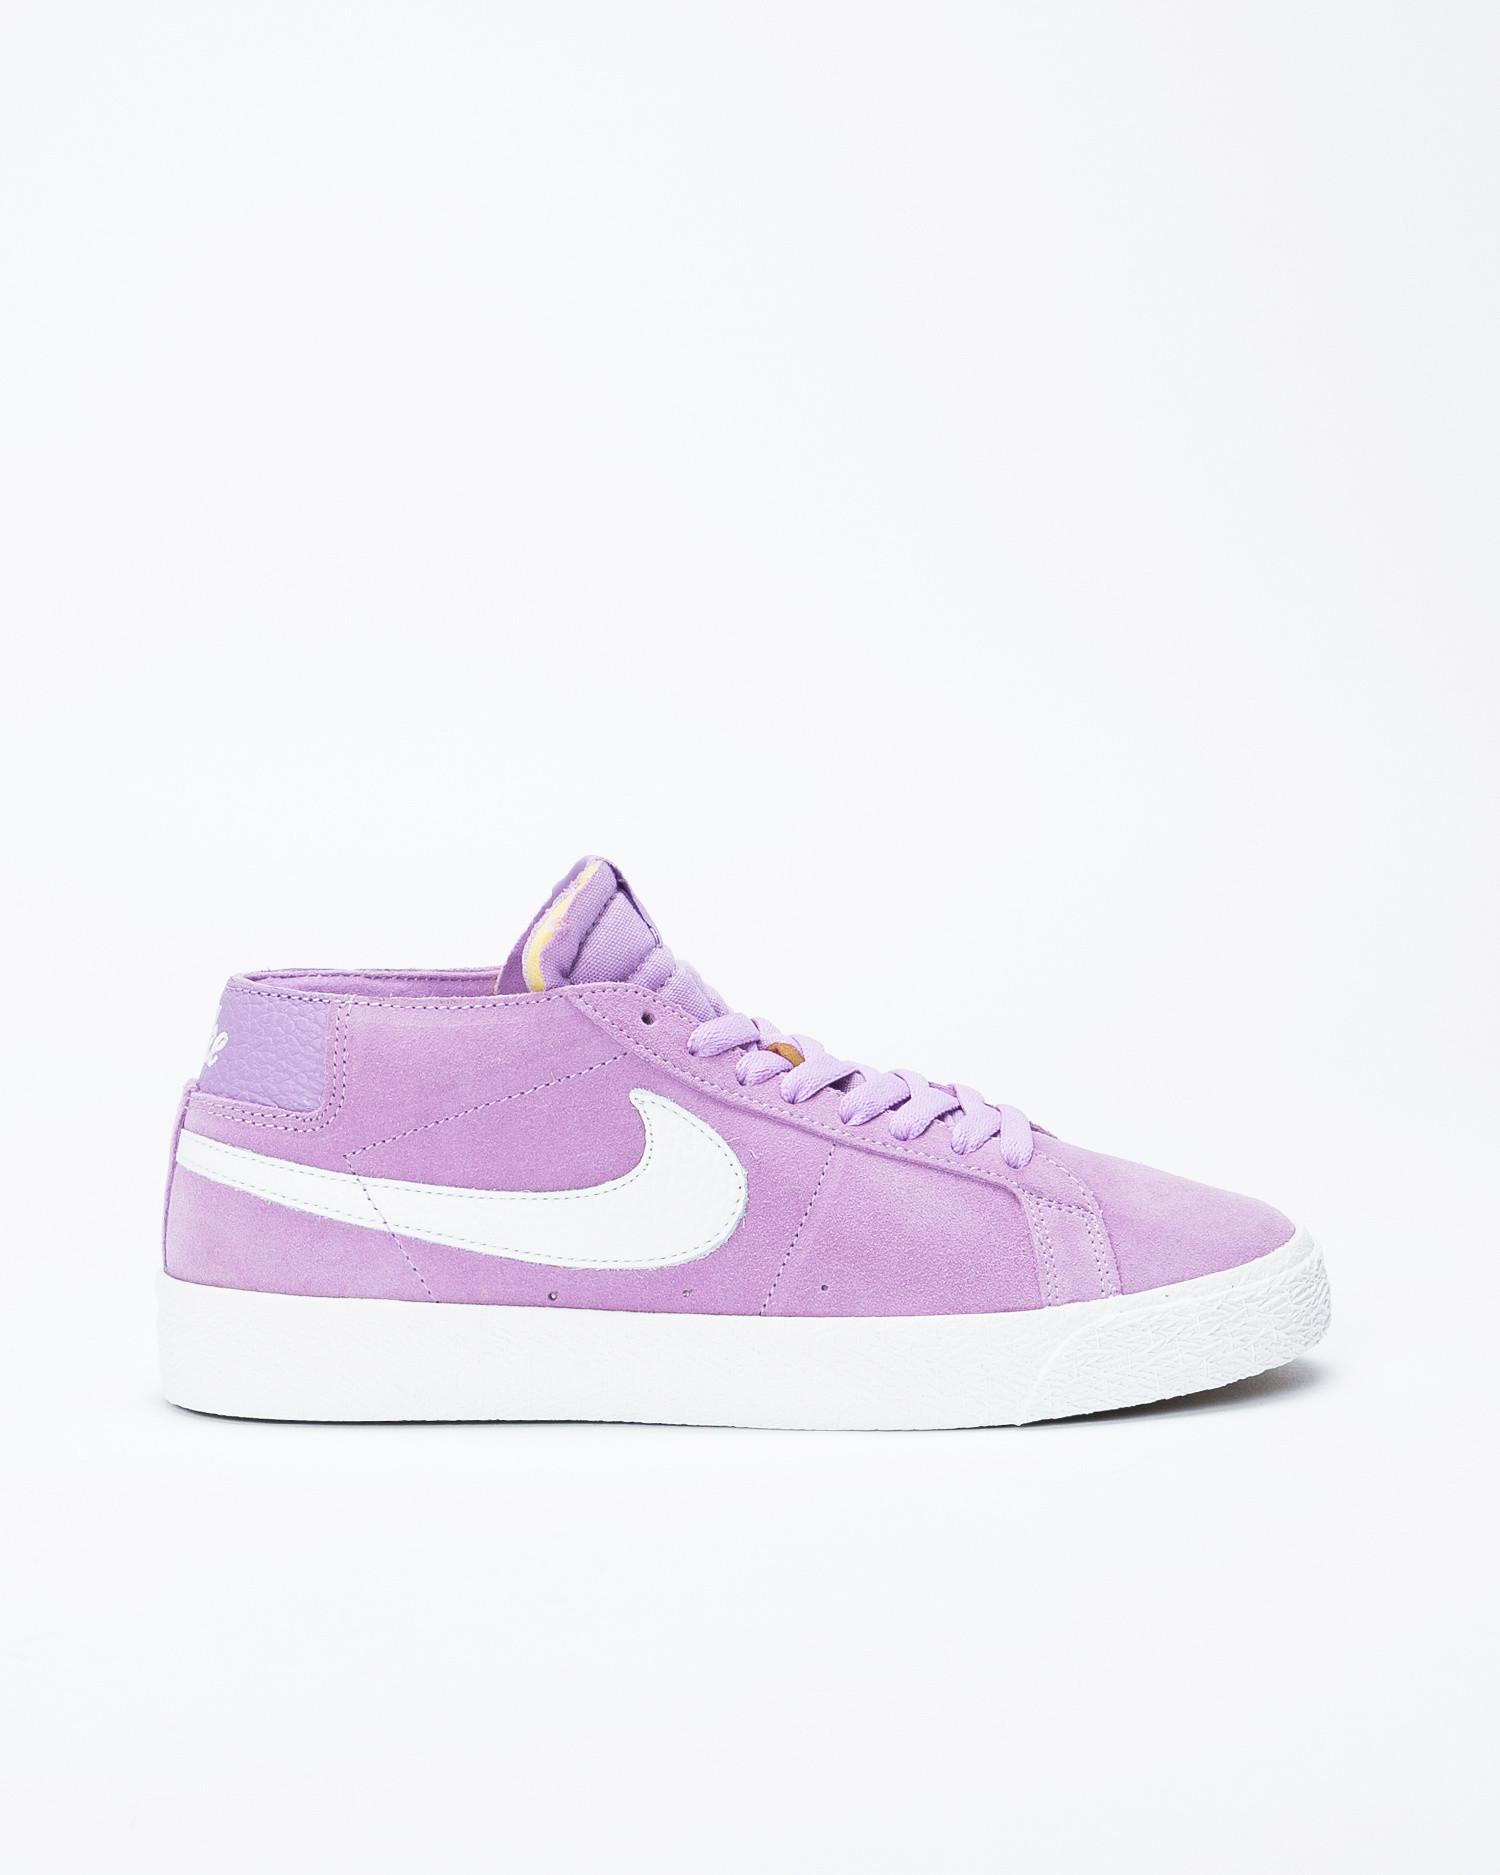 best service 75c7f 8e0de Nike Sb zoom blazer Chukka Violet Star/Chukka white